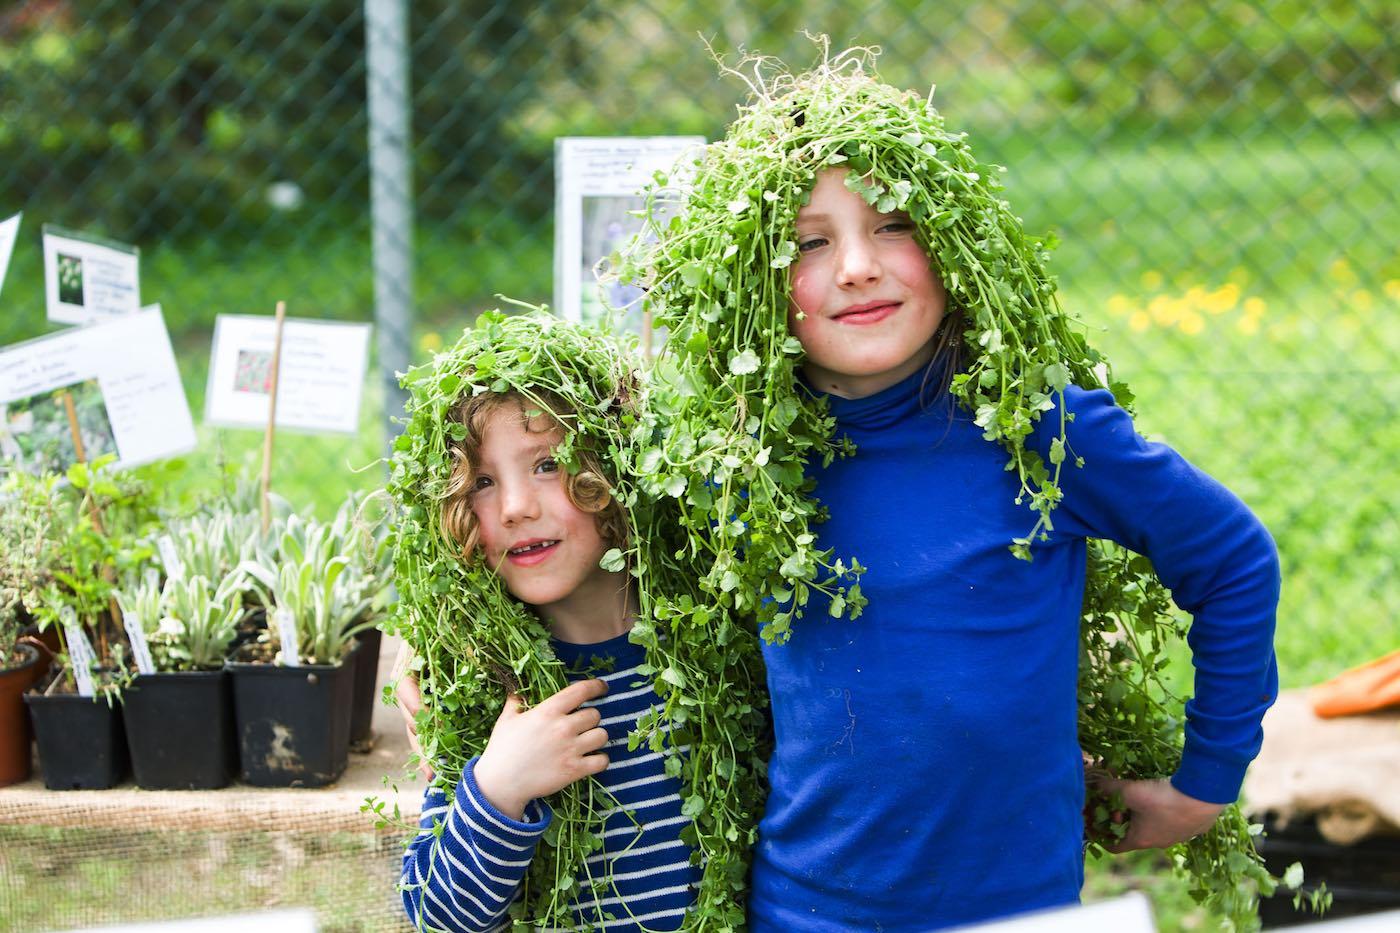 Pflanzen auf dem Kopf | berlinmitkind.de